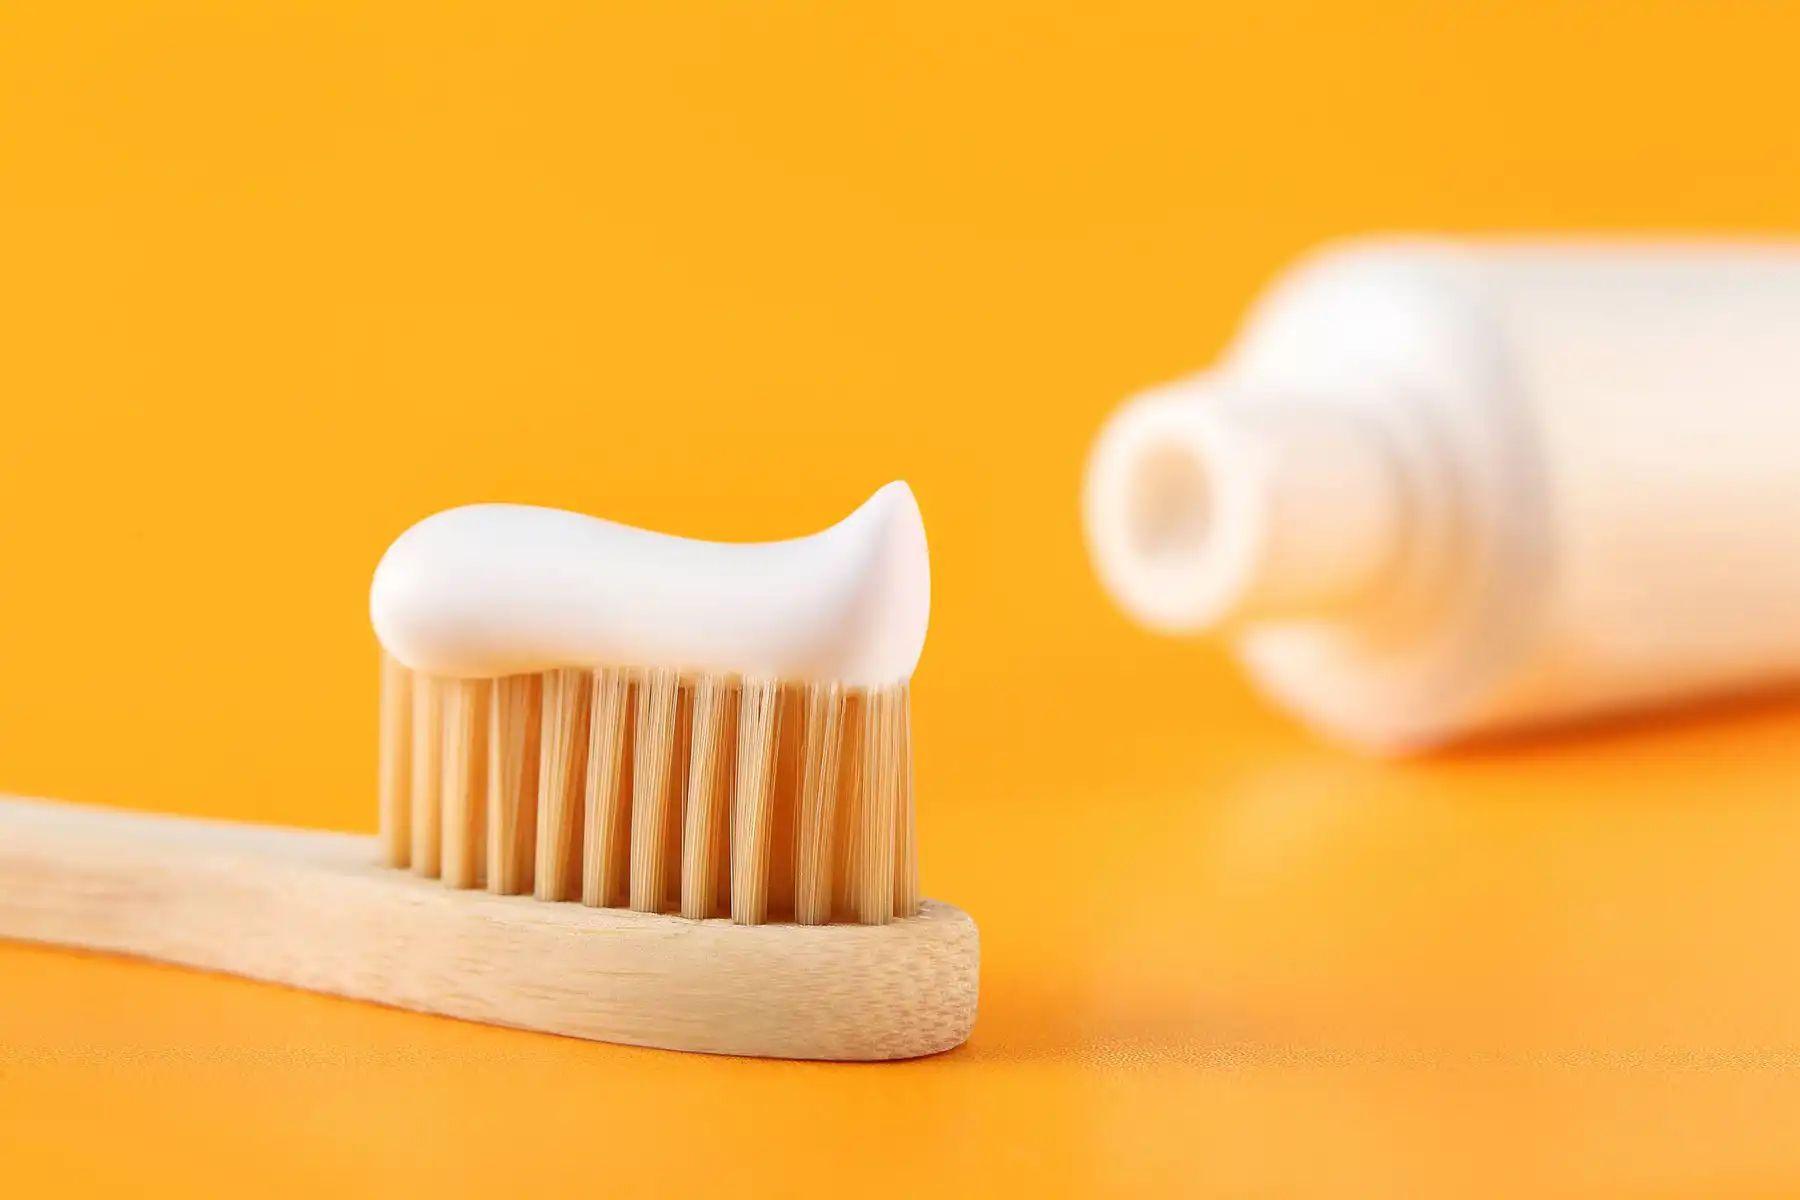 kem đánh răng vệ sinh giày